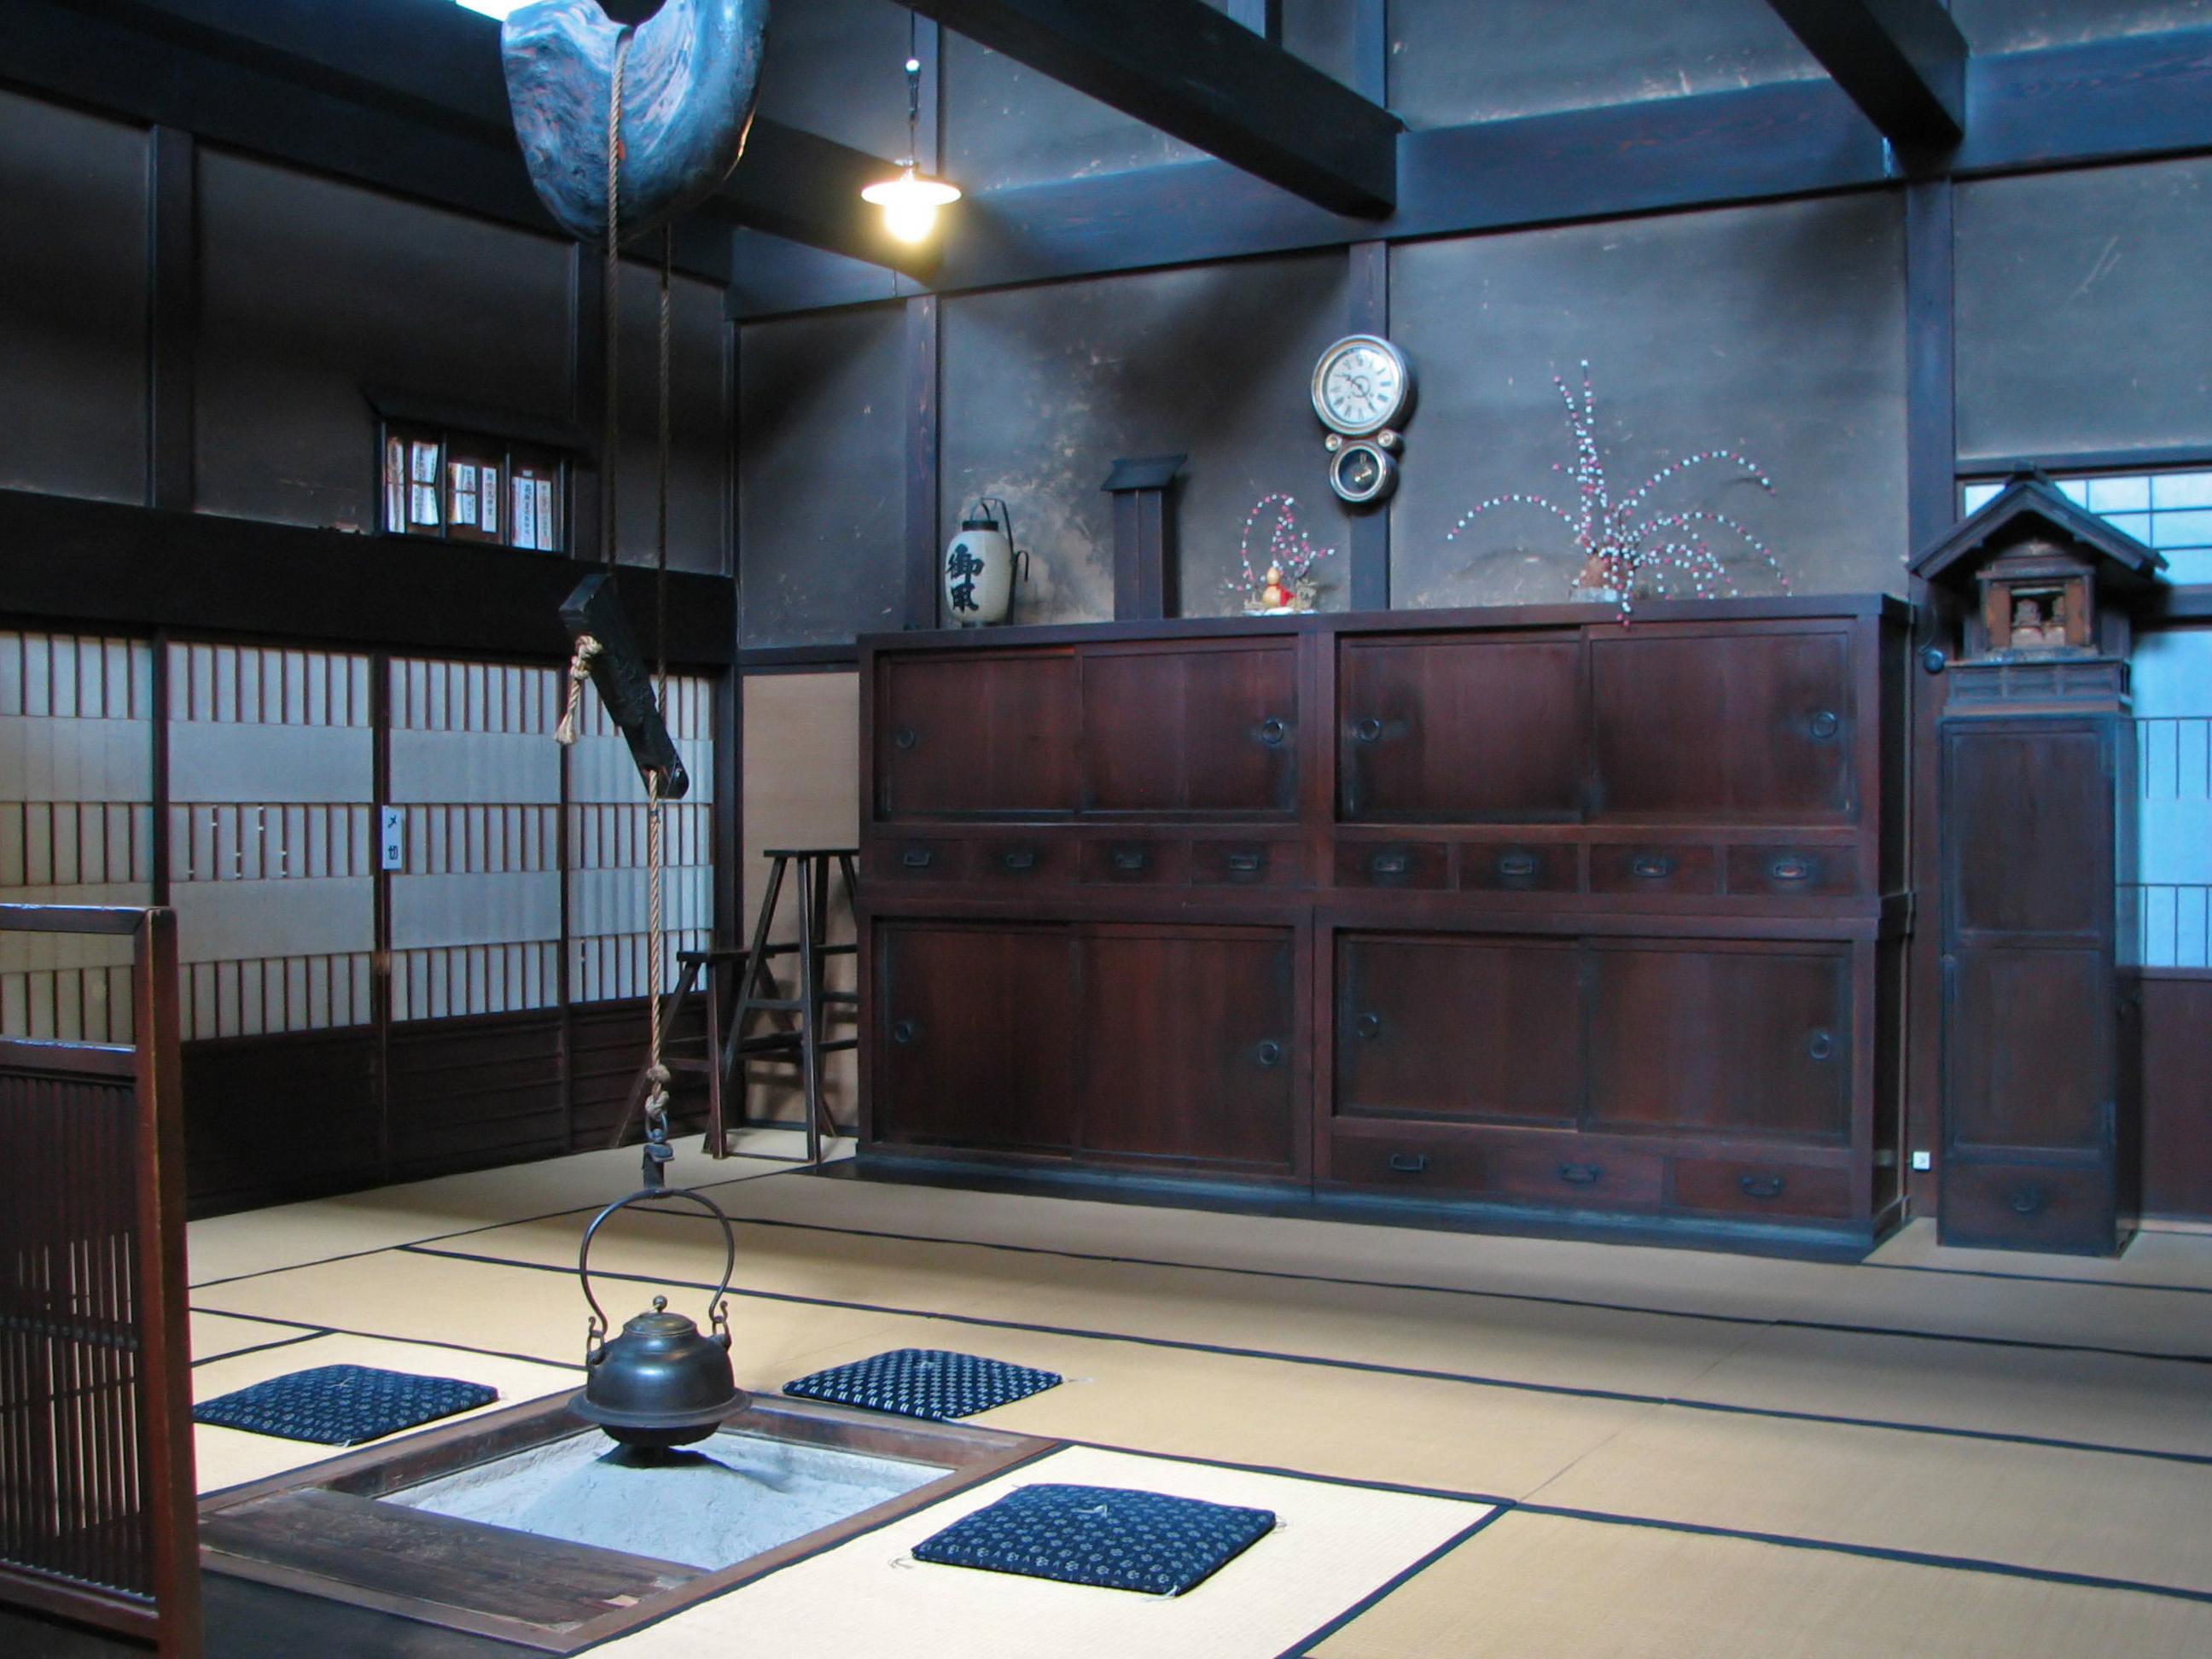 Интерьер кухни в Японии не очень обычен для западного человека